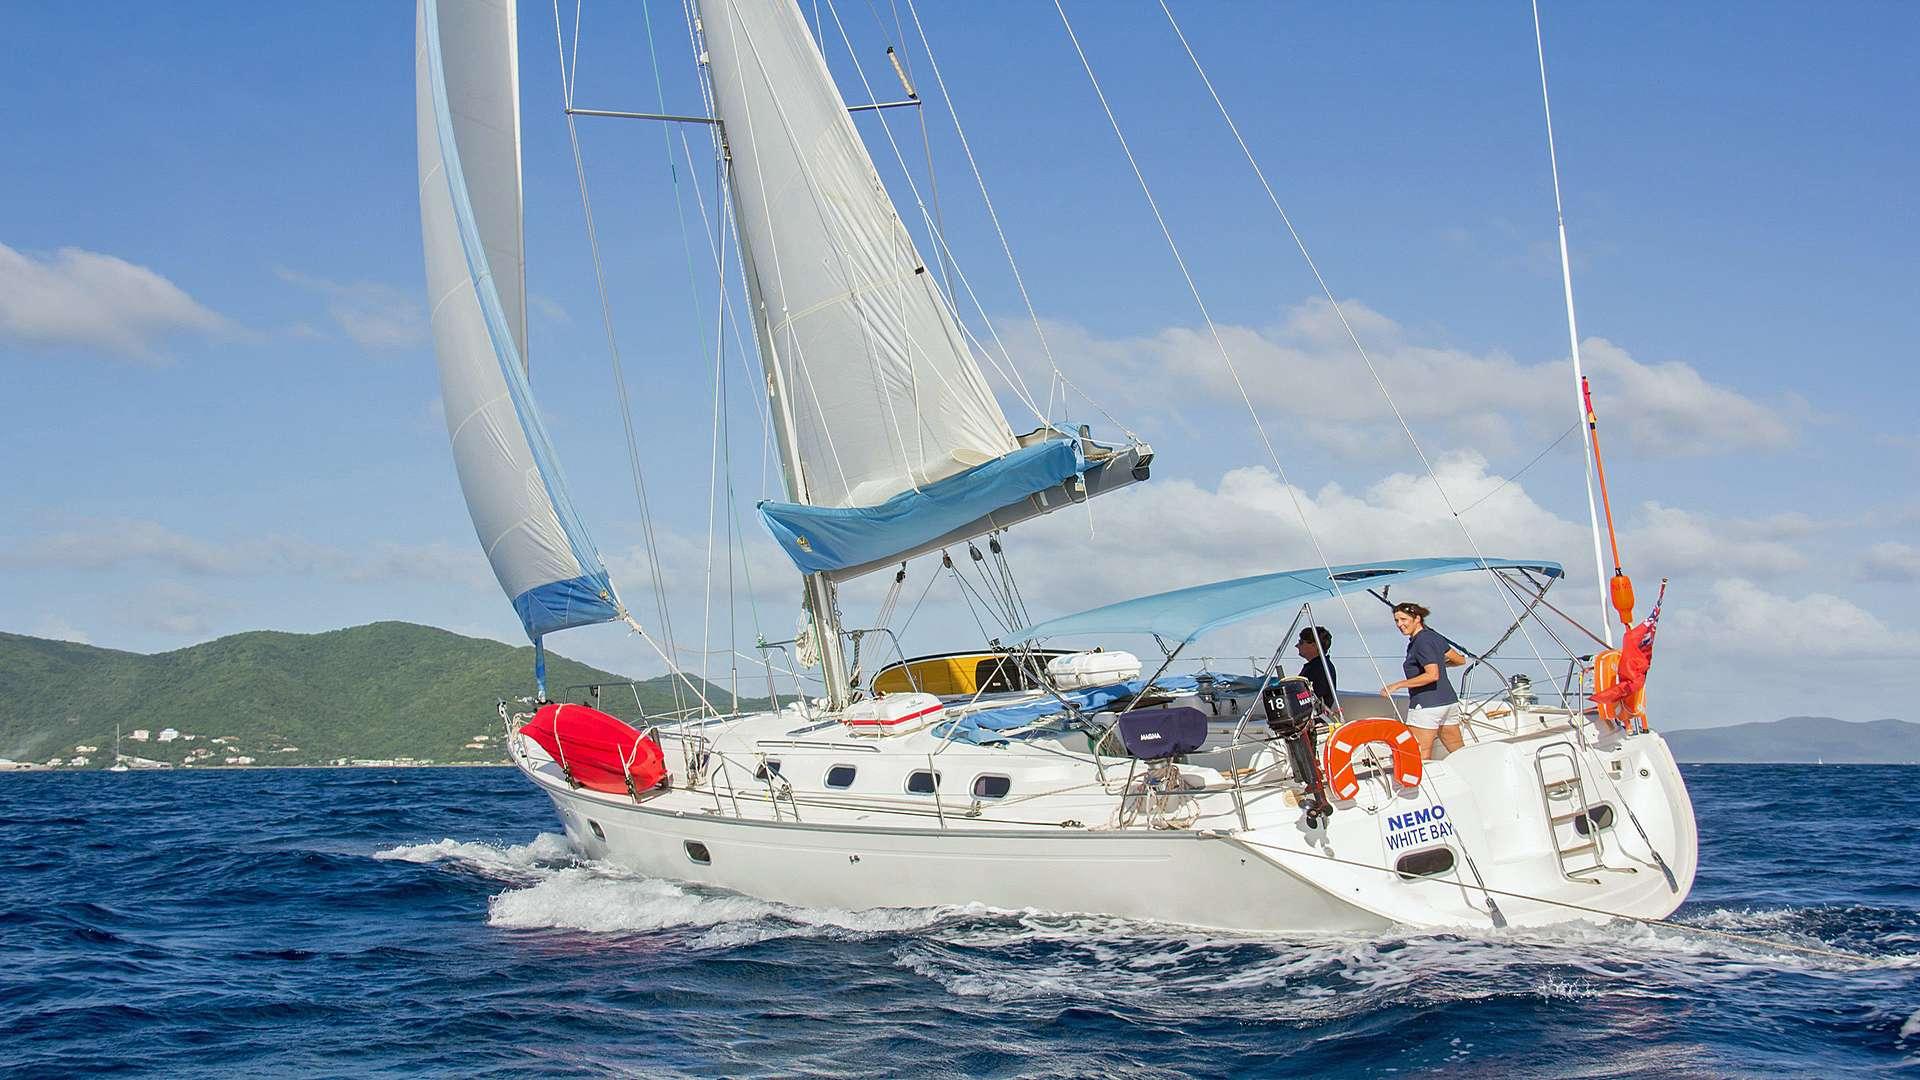 Come Sailing with Neil & Sam!